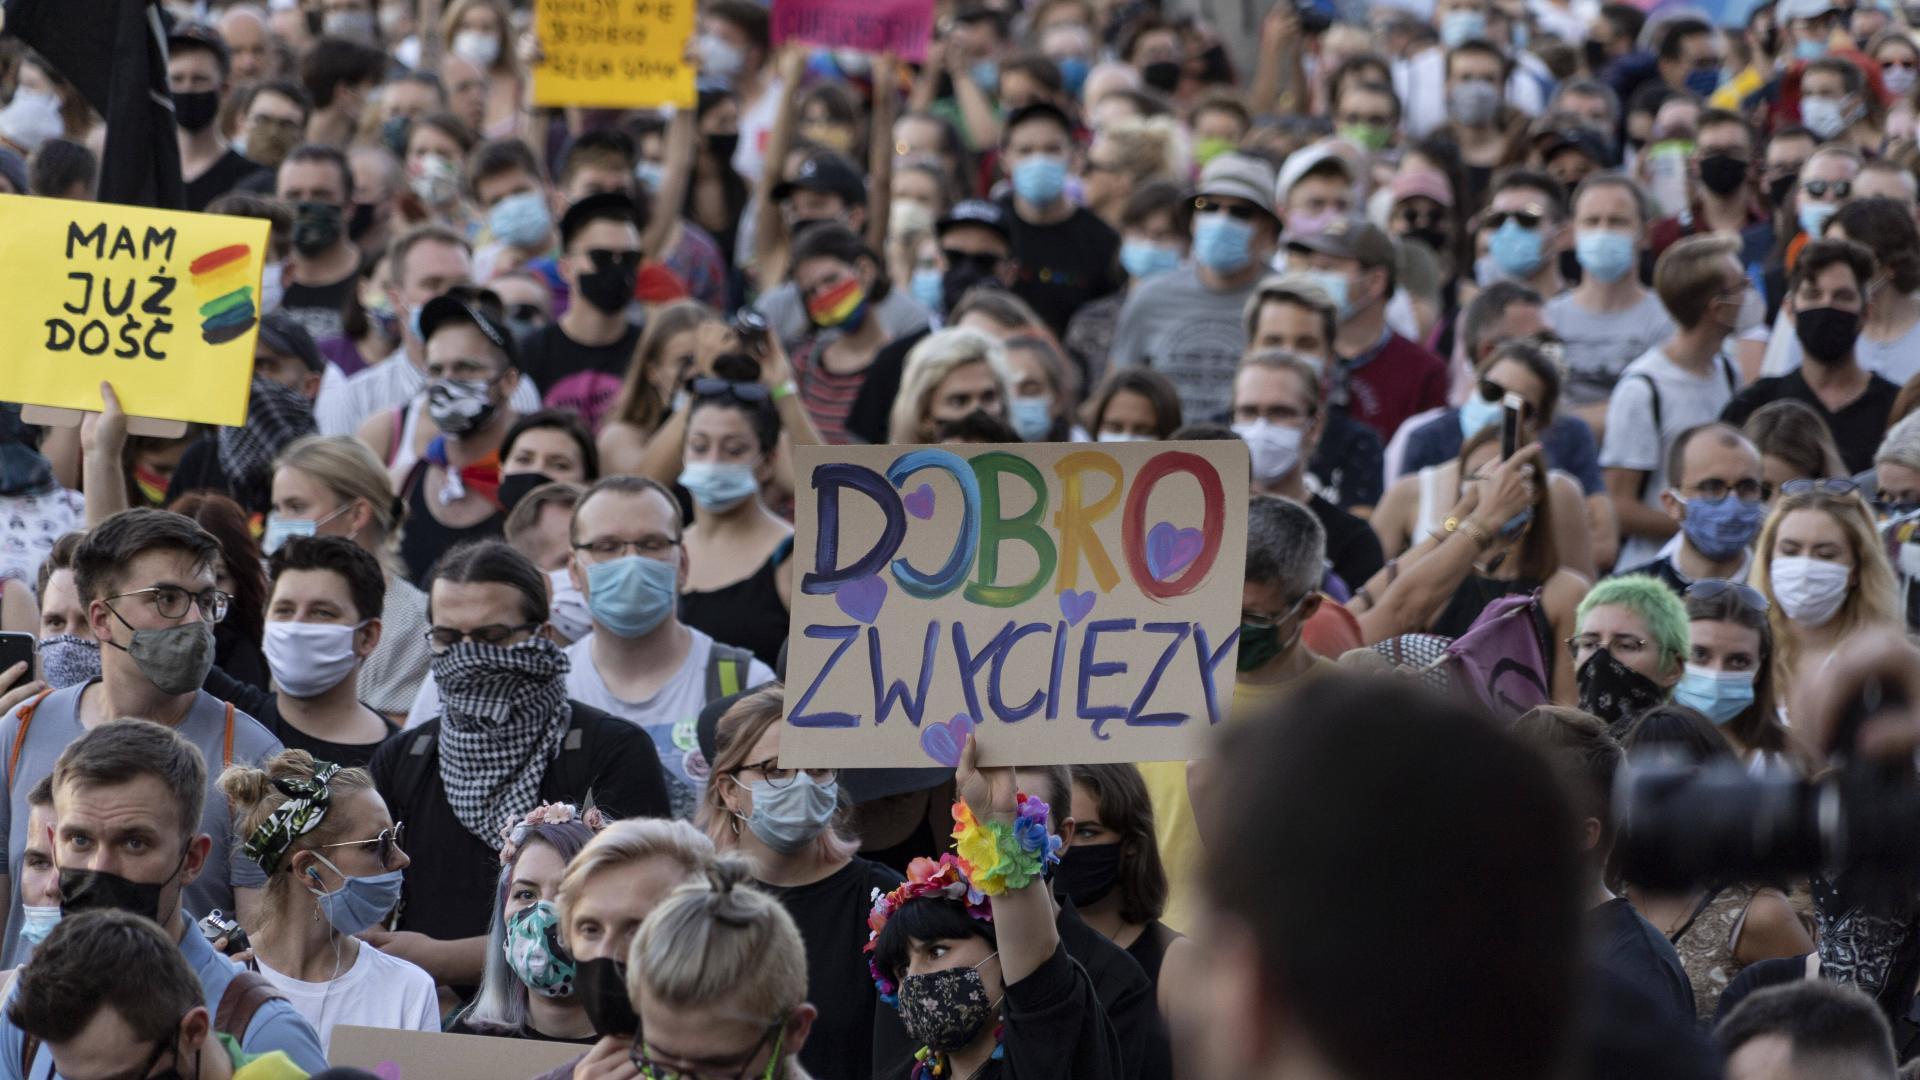 Polen LGBT Rechte Protest